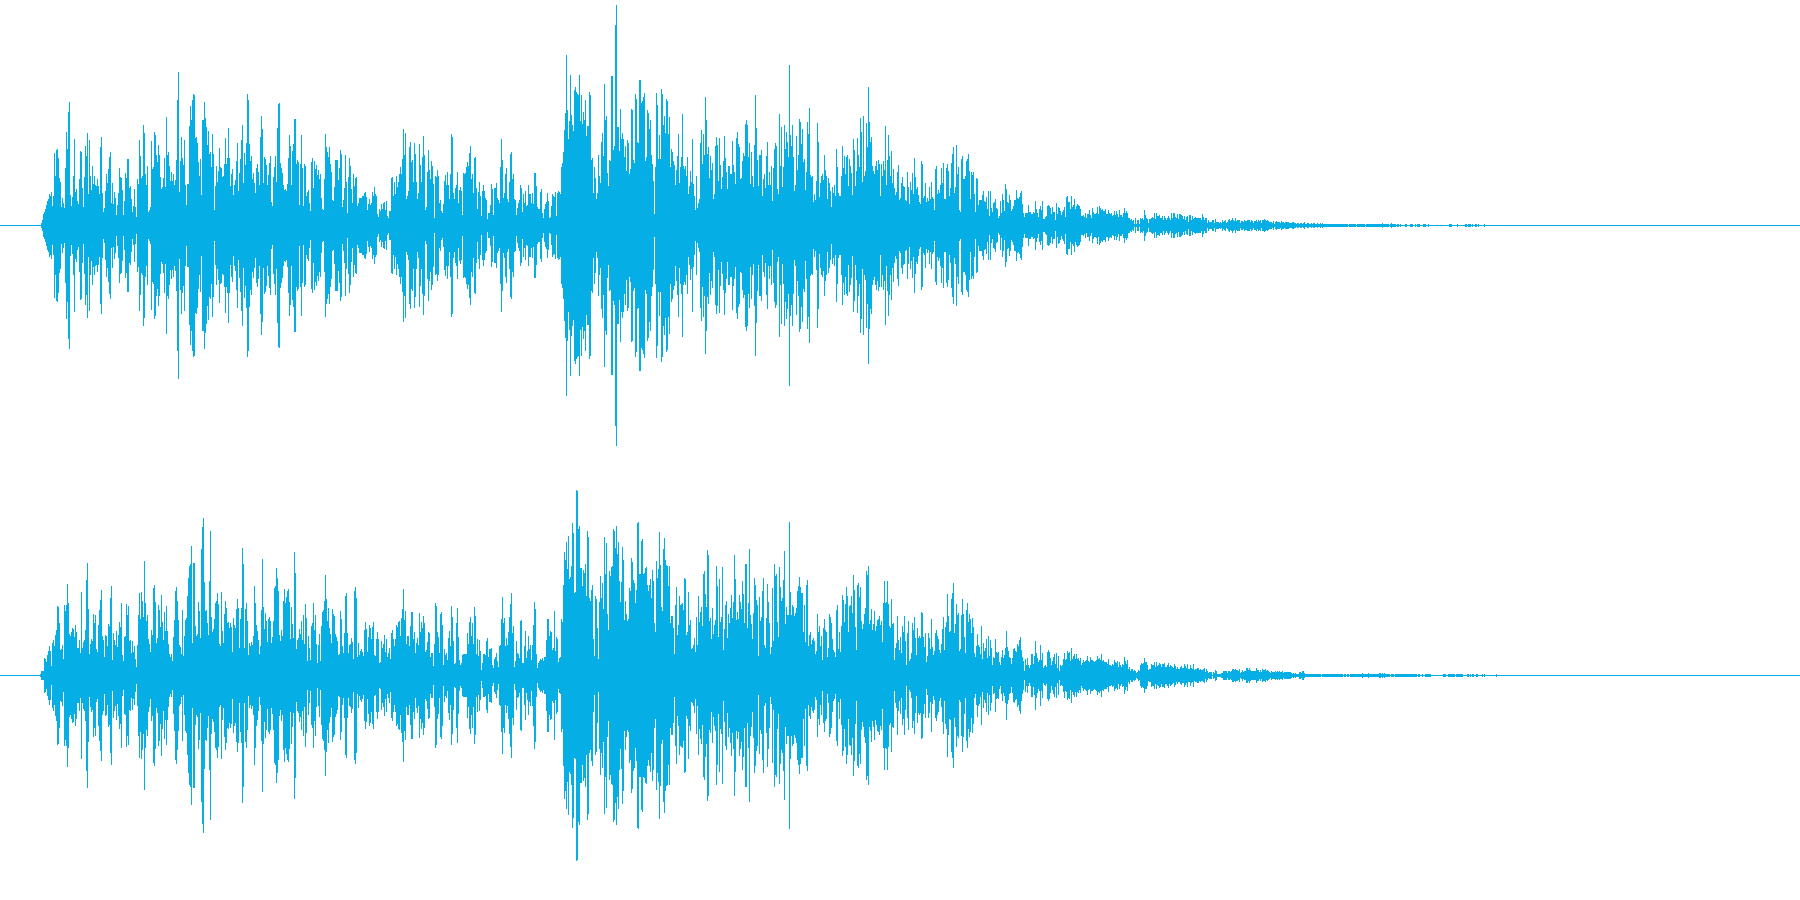 ーグムワァー(不思議な機械音)の再生済みの波形